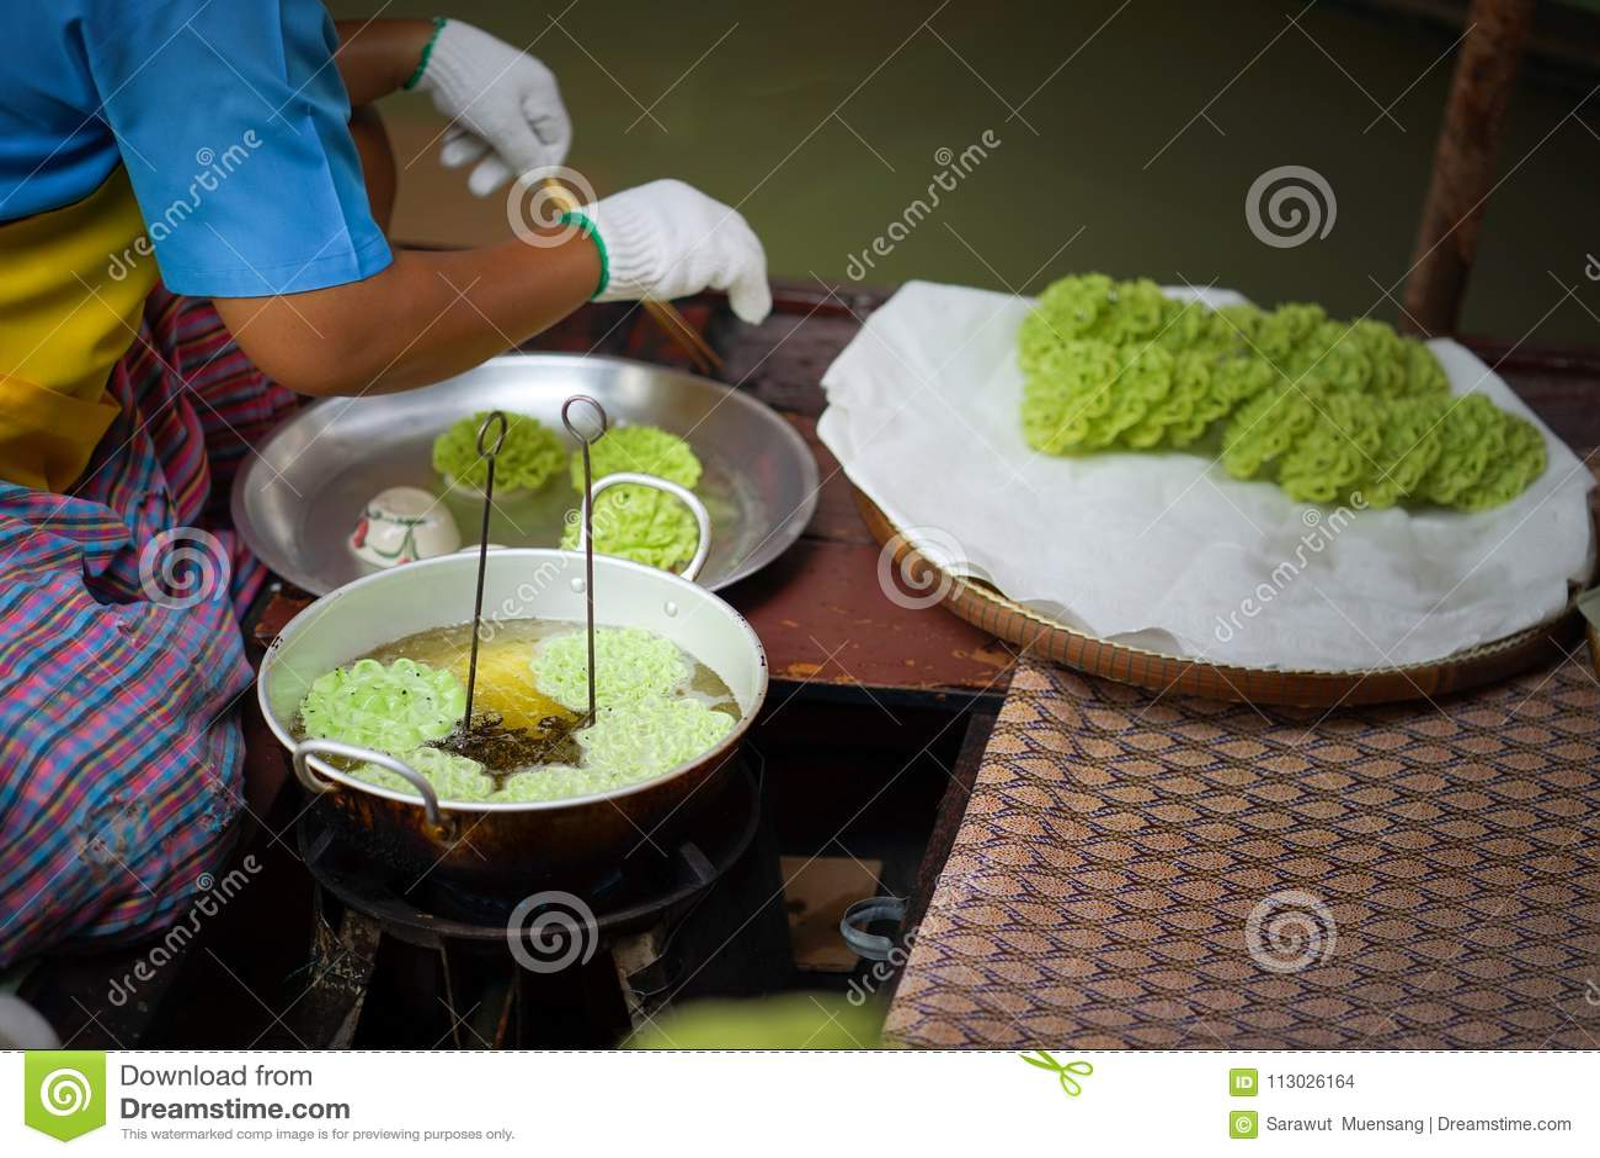 Lotus Blossom Cookie Kanom Dok curruscante Jok frió con aceite en una cacerola